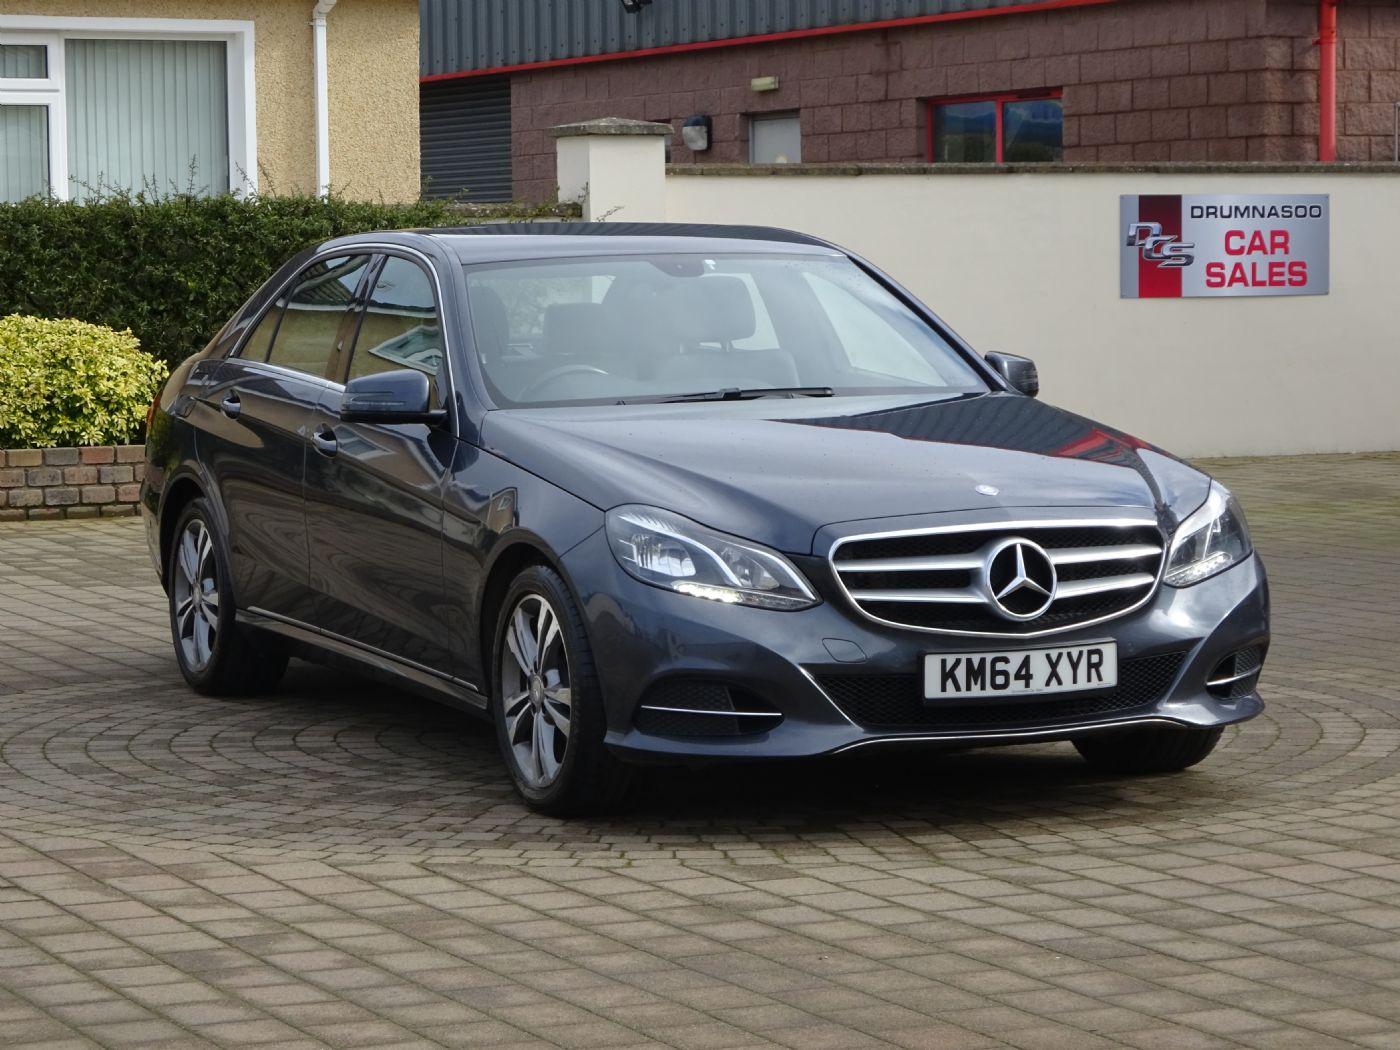 Mercedes-Benz E220 SE Bluetec Auto, Sat nav, Leather trim